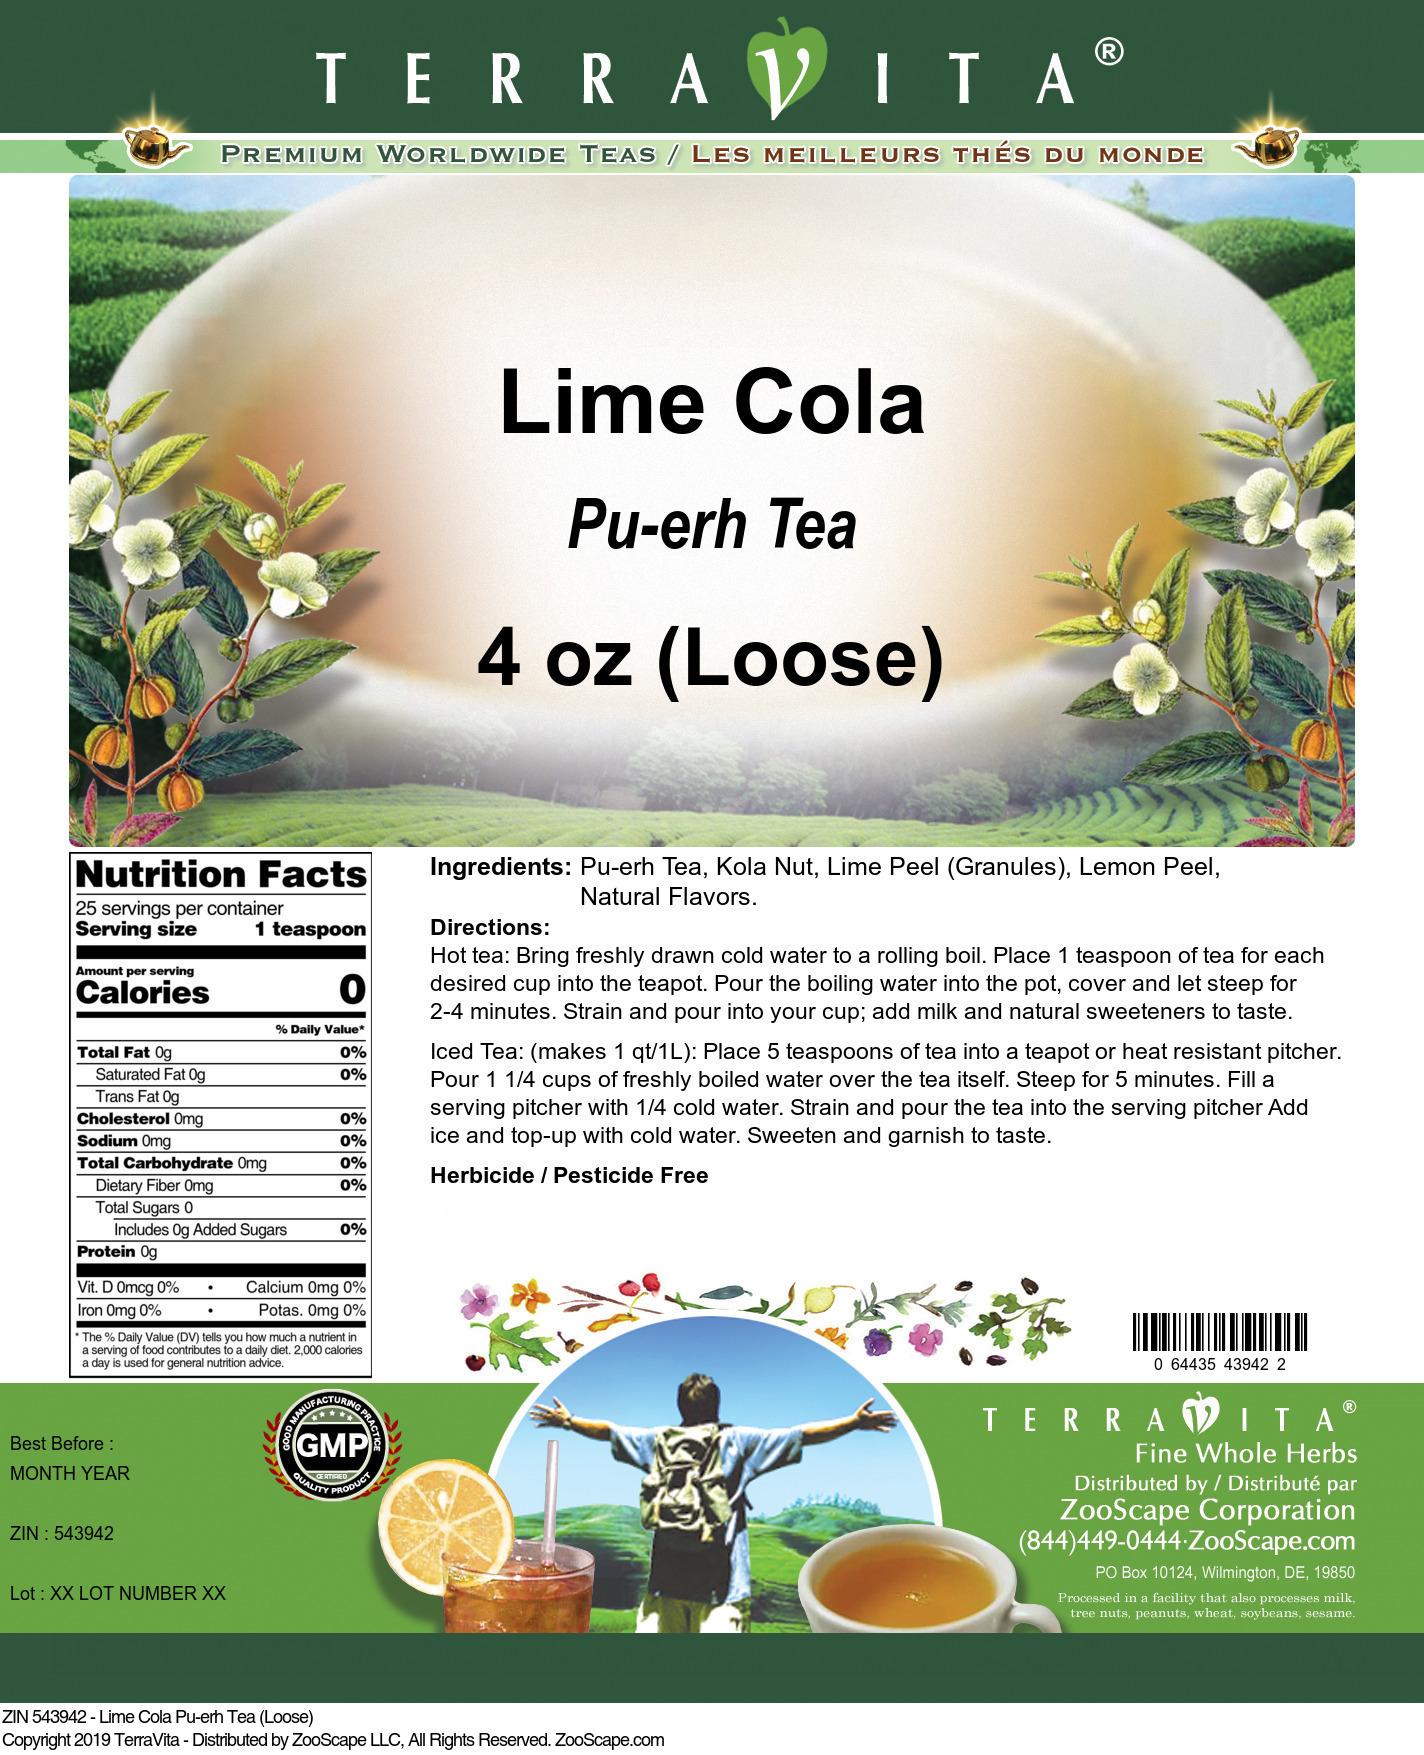 Lime Cola Pu-erh Tea (Loose)